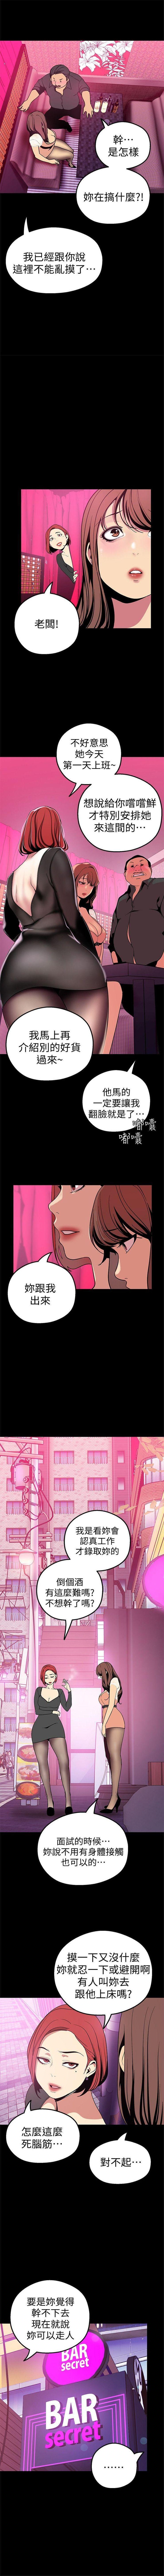 (週1)美麗新世界 1-70 中文翻譯 (更新中) 231